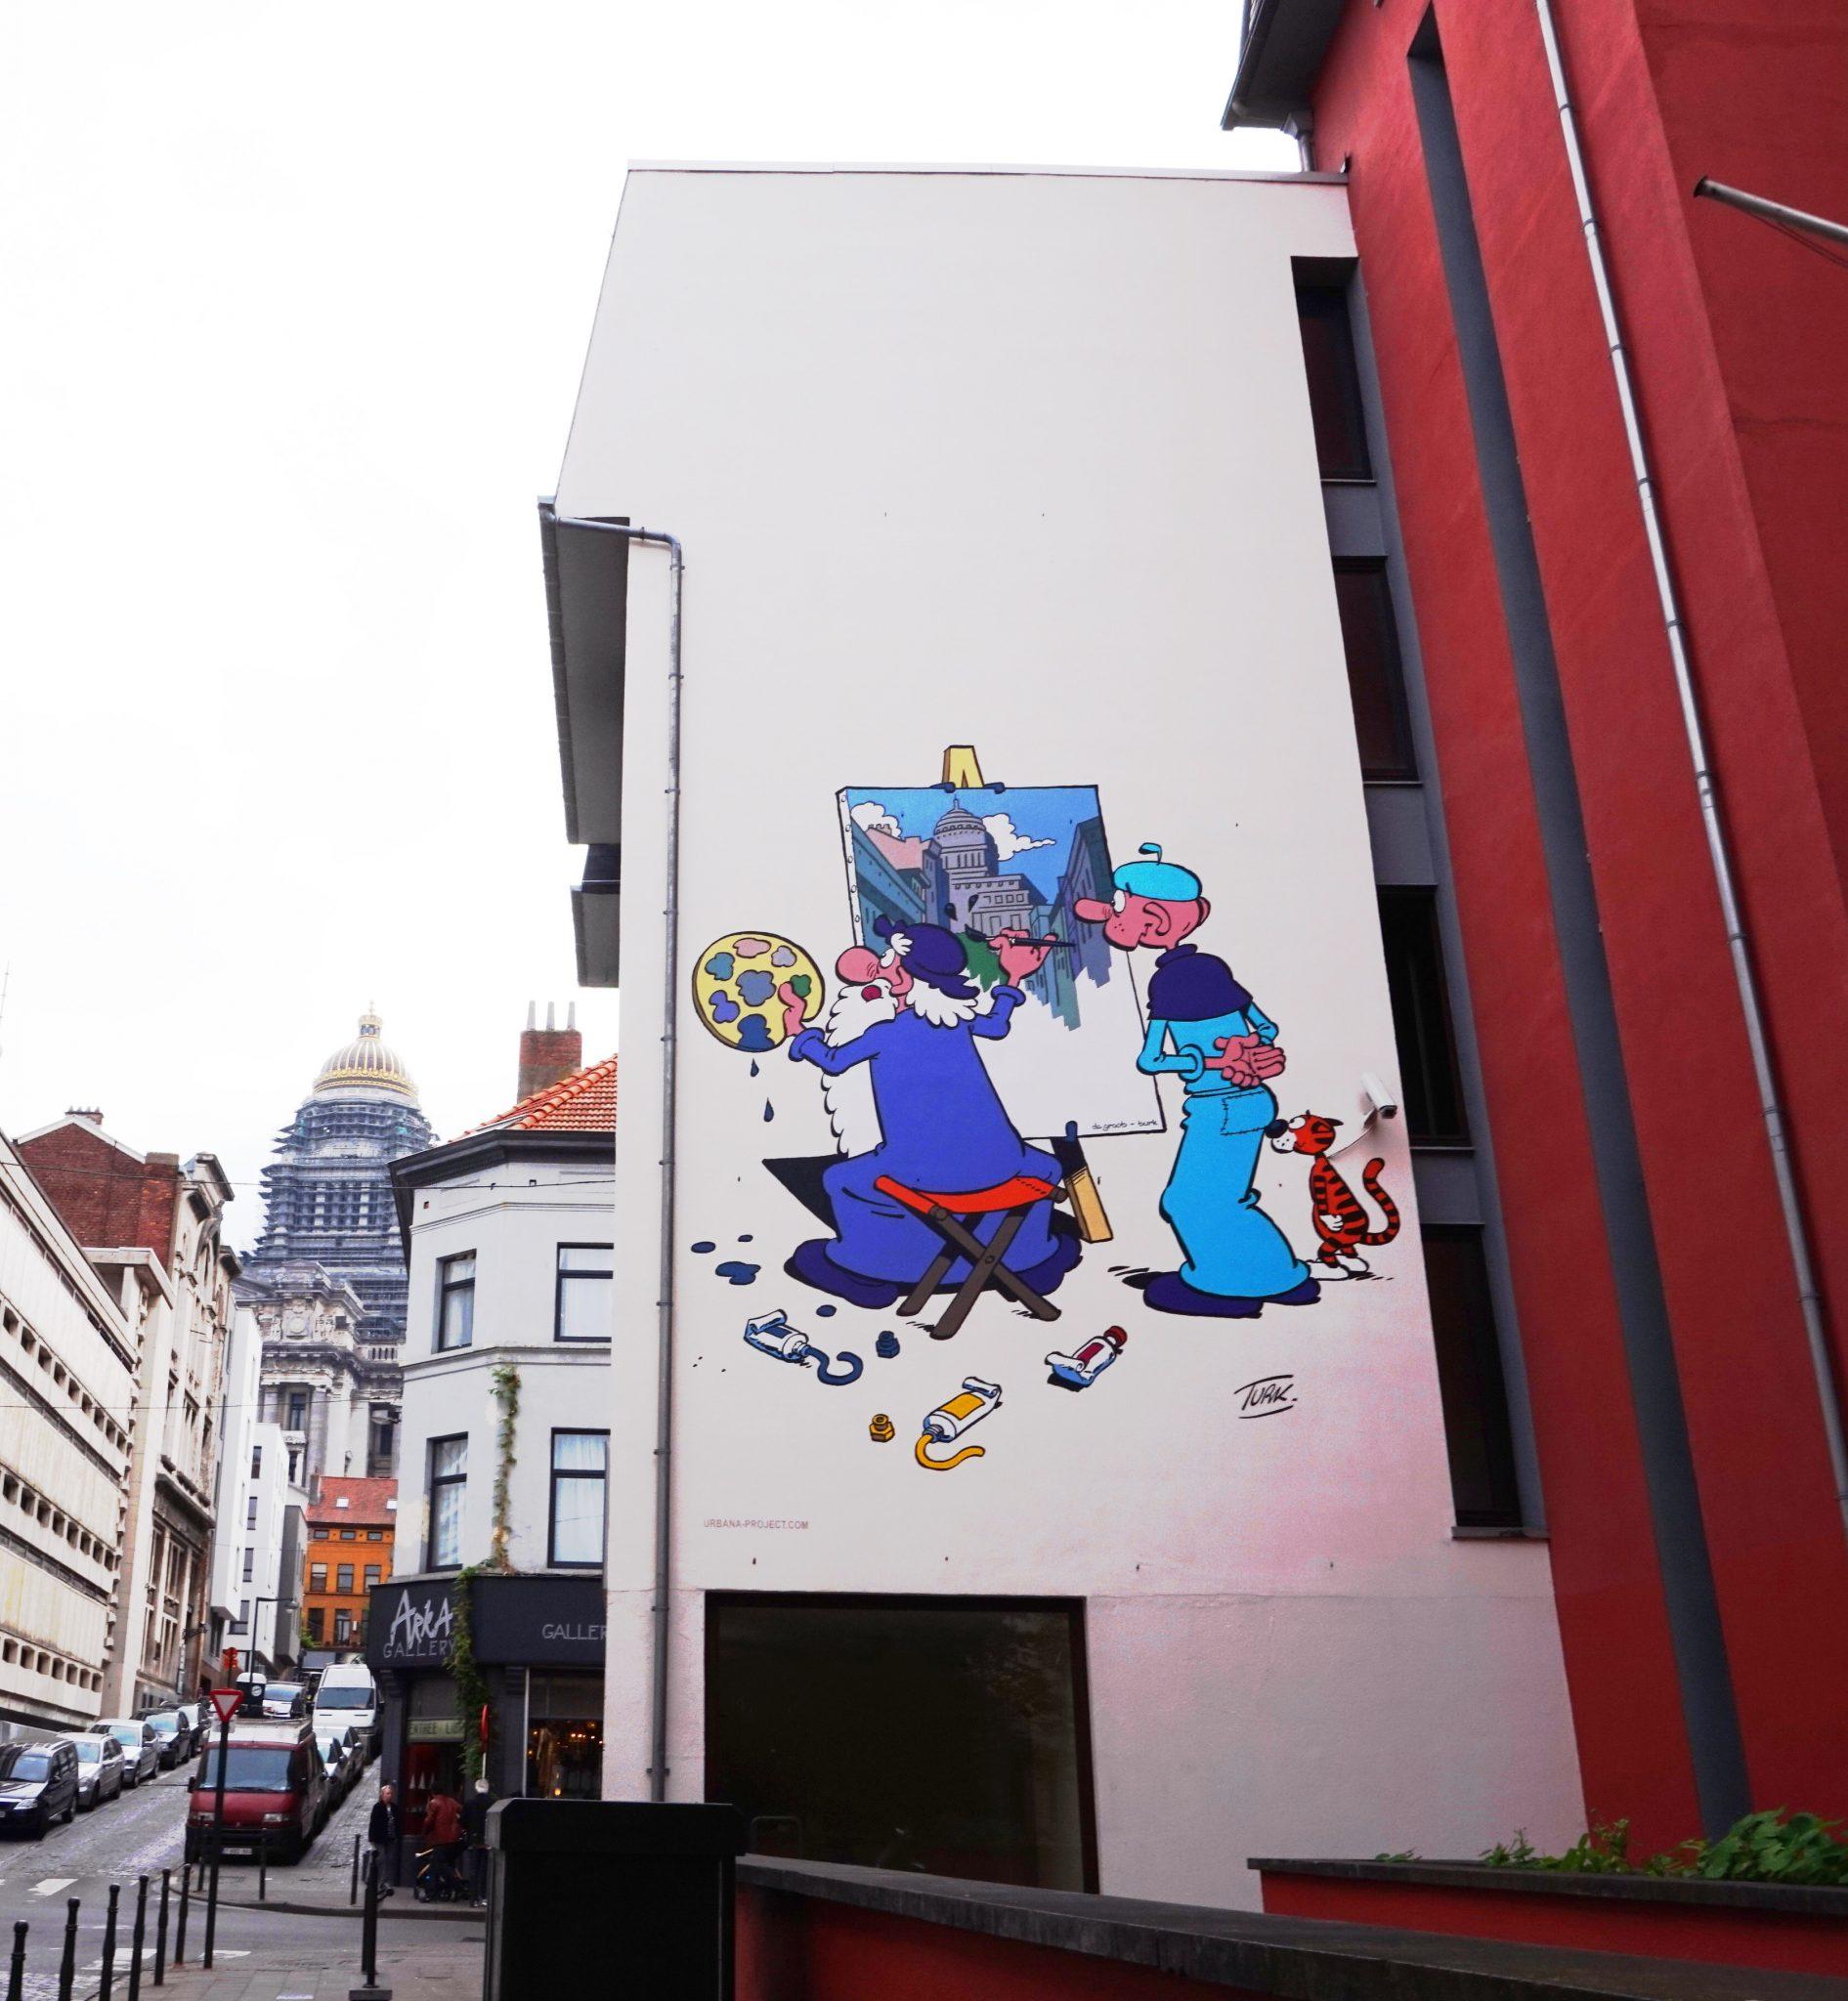 Tegneserie-maleri i Bruxelles